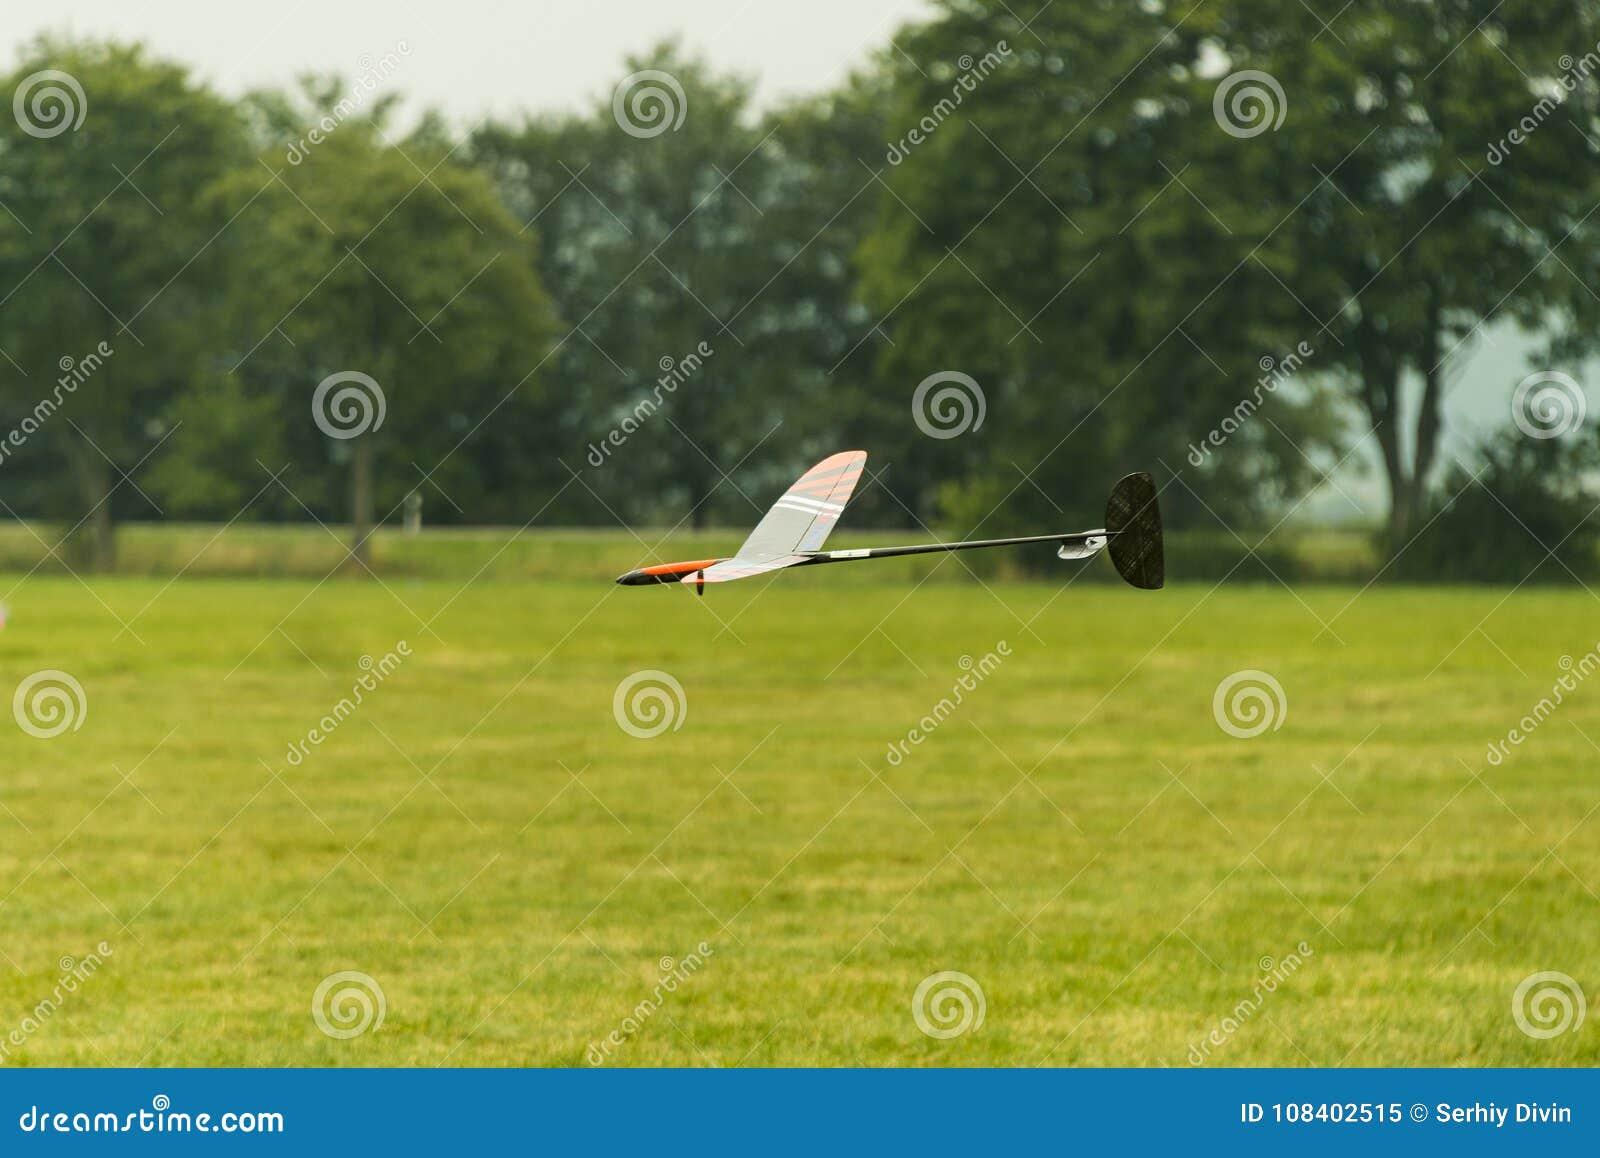 Atterrissage radioguidé de planeur